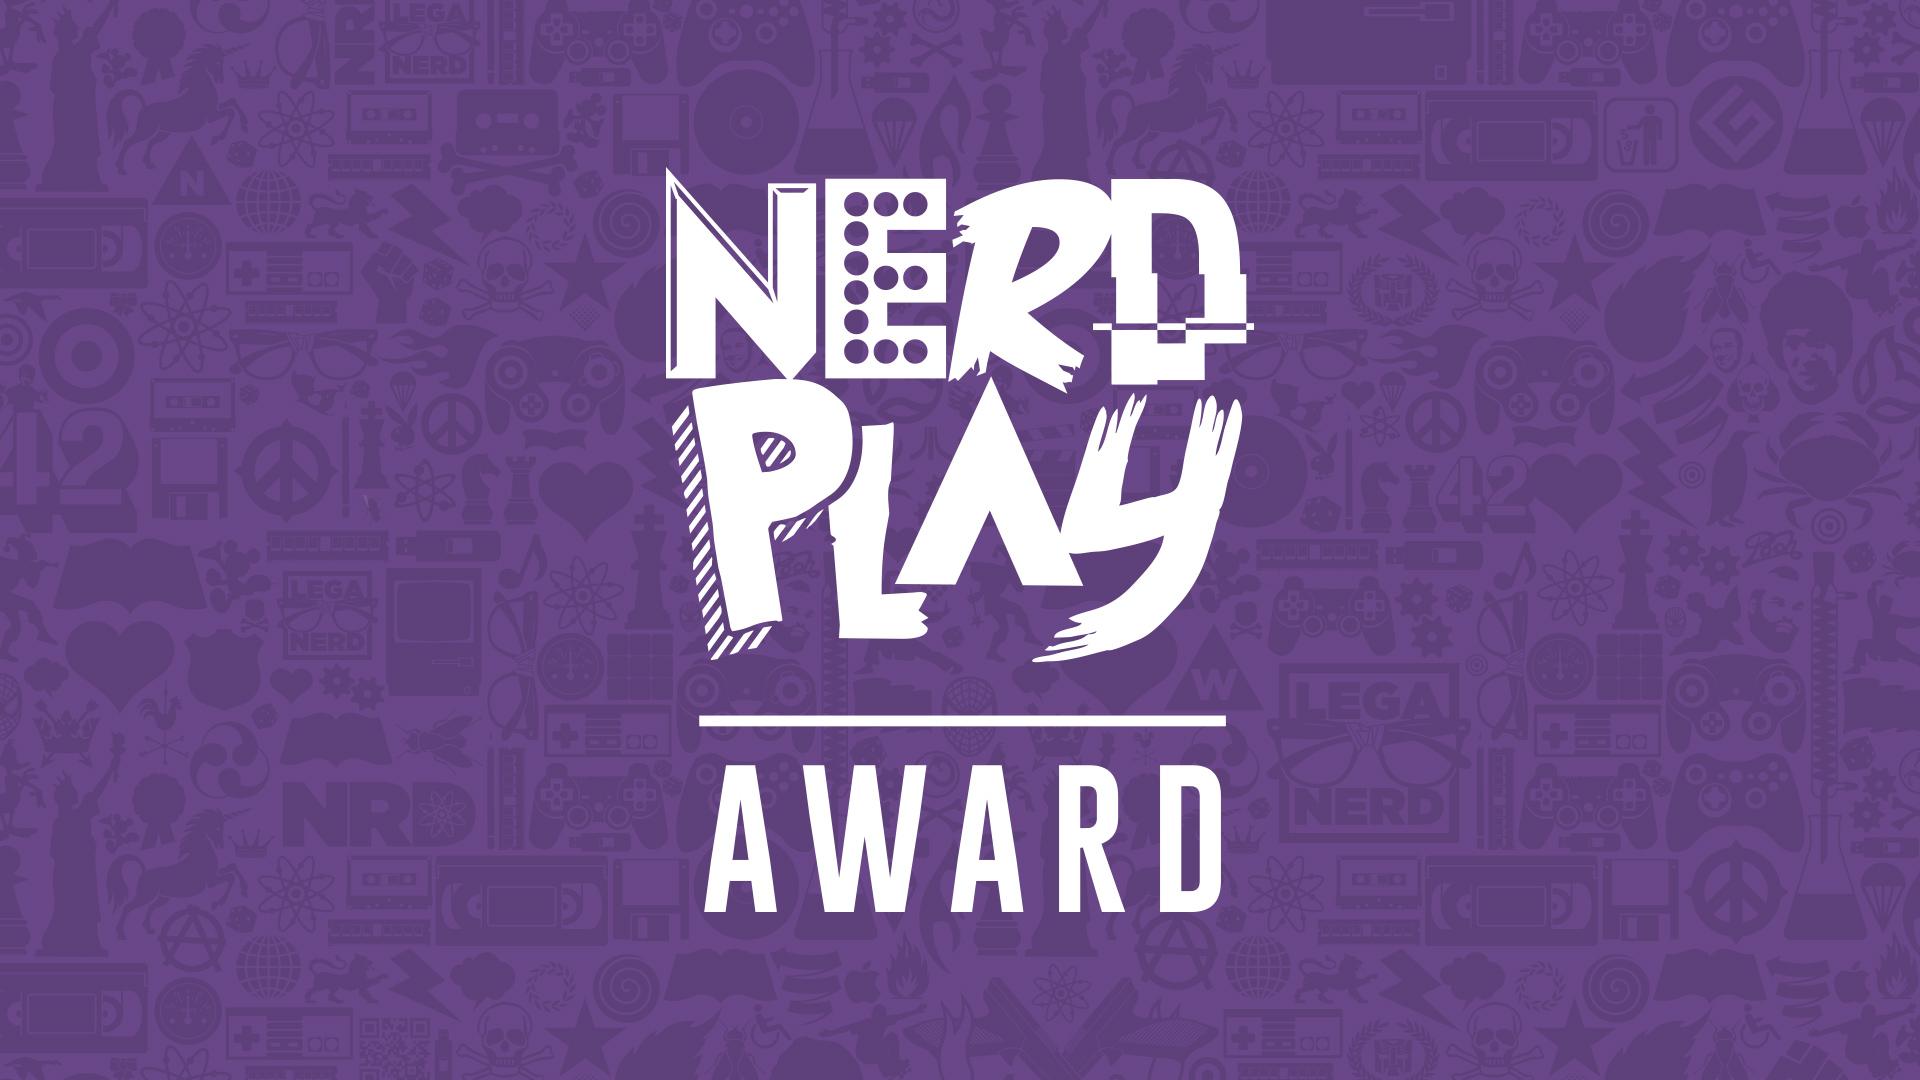 evocAzione vince il Nerd Play Award 2019